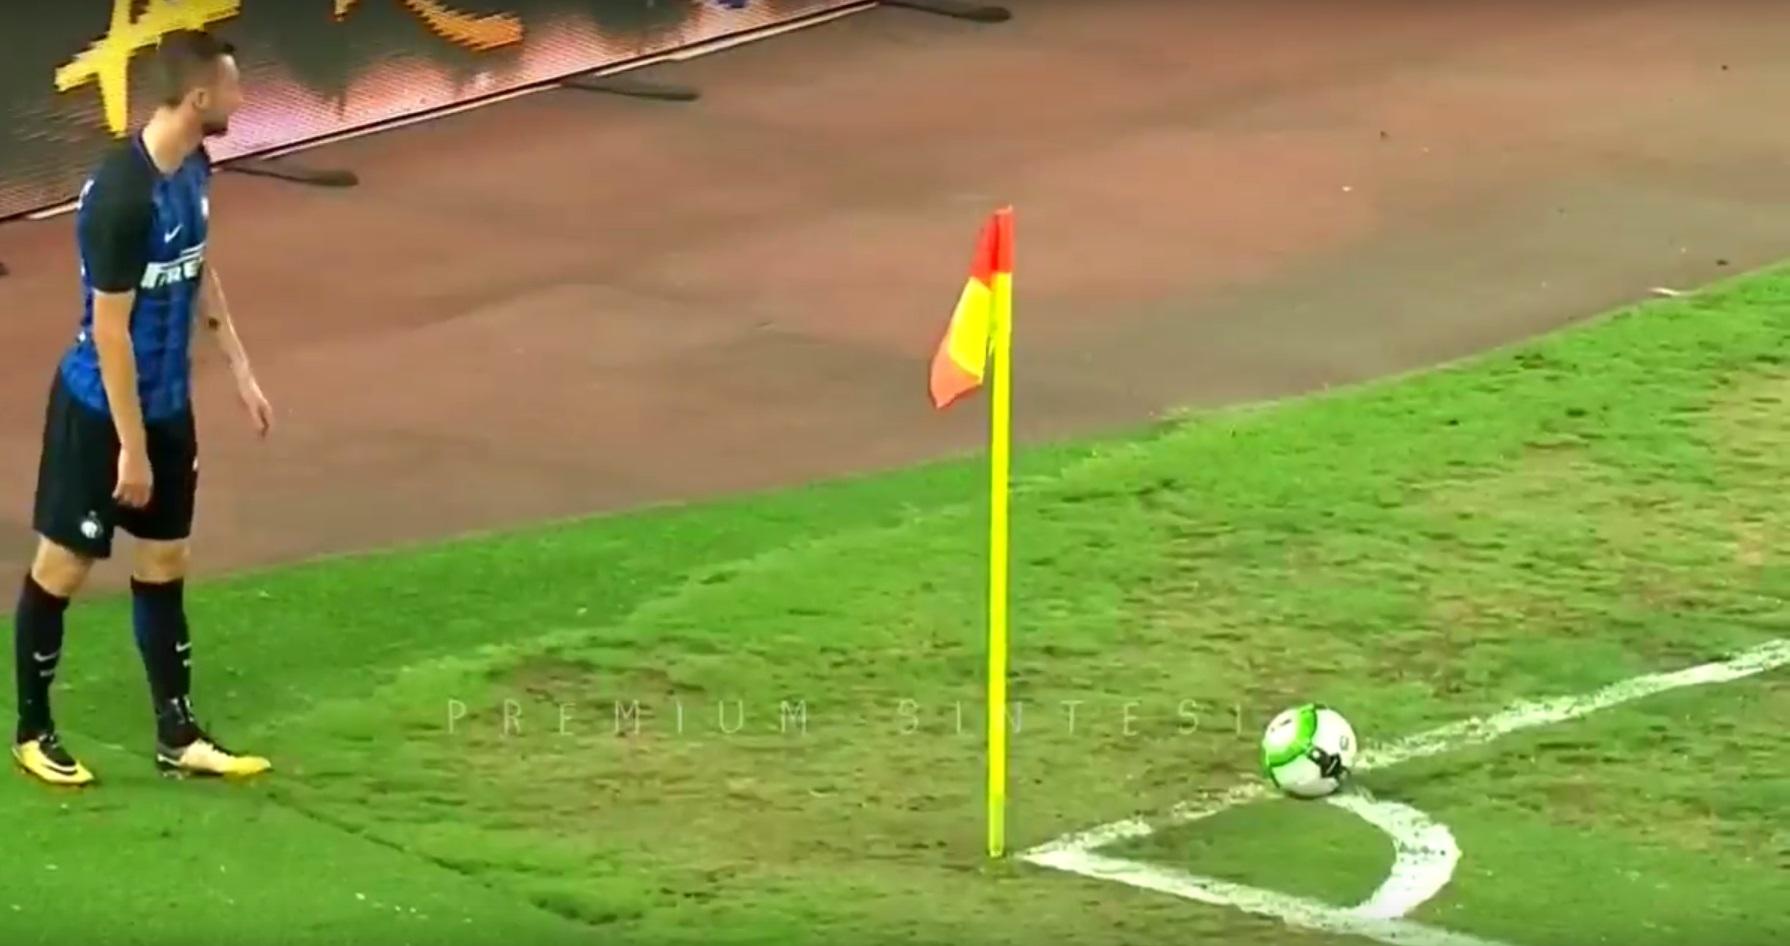 L'Inter batte 1-0 il Lione su un campo al limite (di proprietà di Suning), ripresa in crescendo